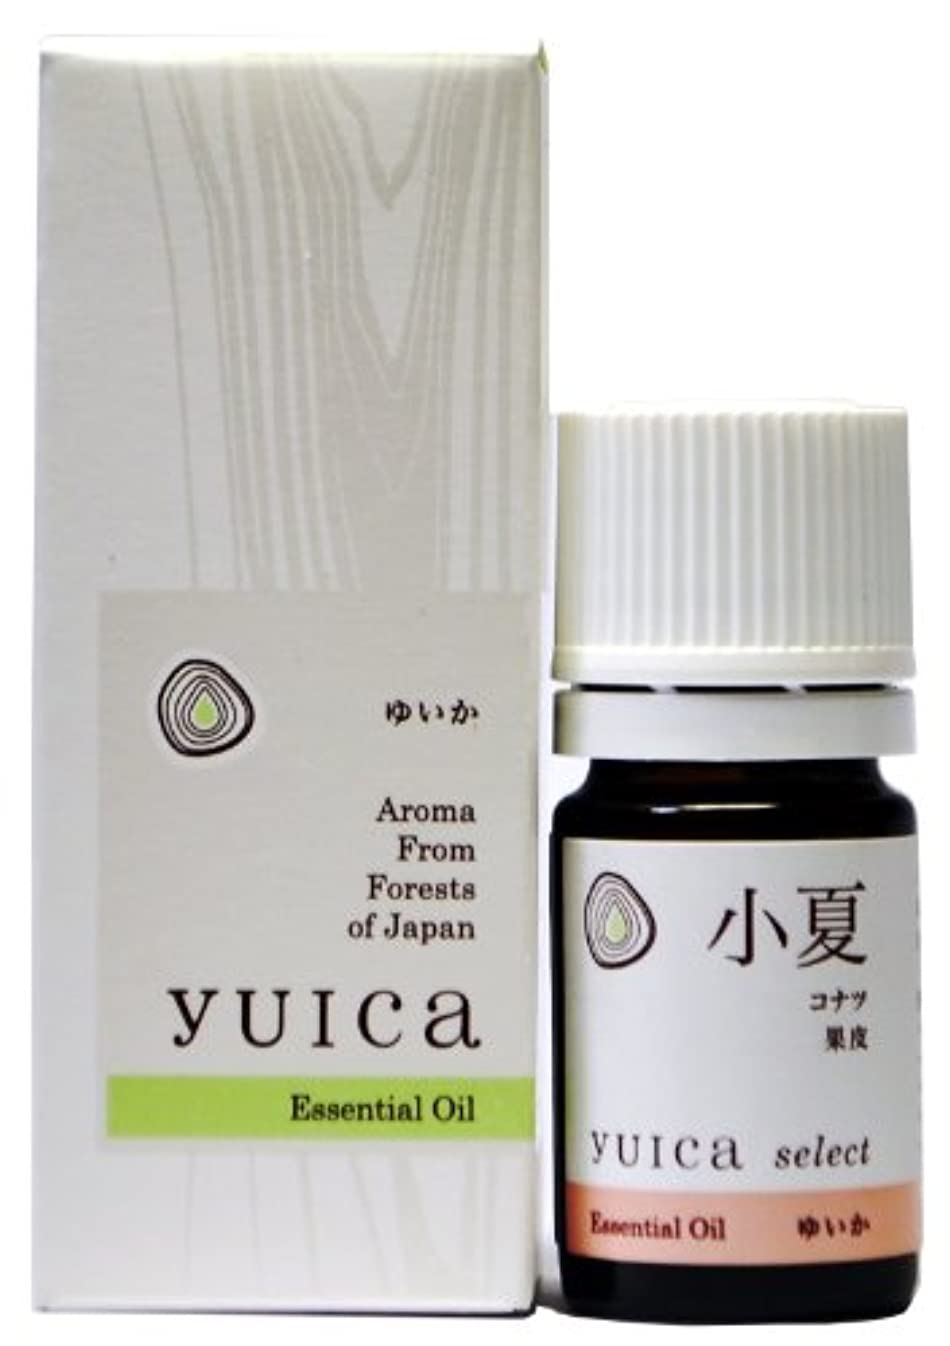 全部クリームきらめくyuica select エッセンシャルオイル コナツ(果皮部) 5mL